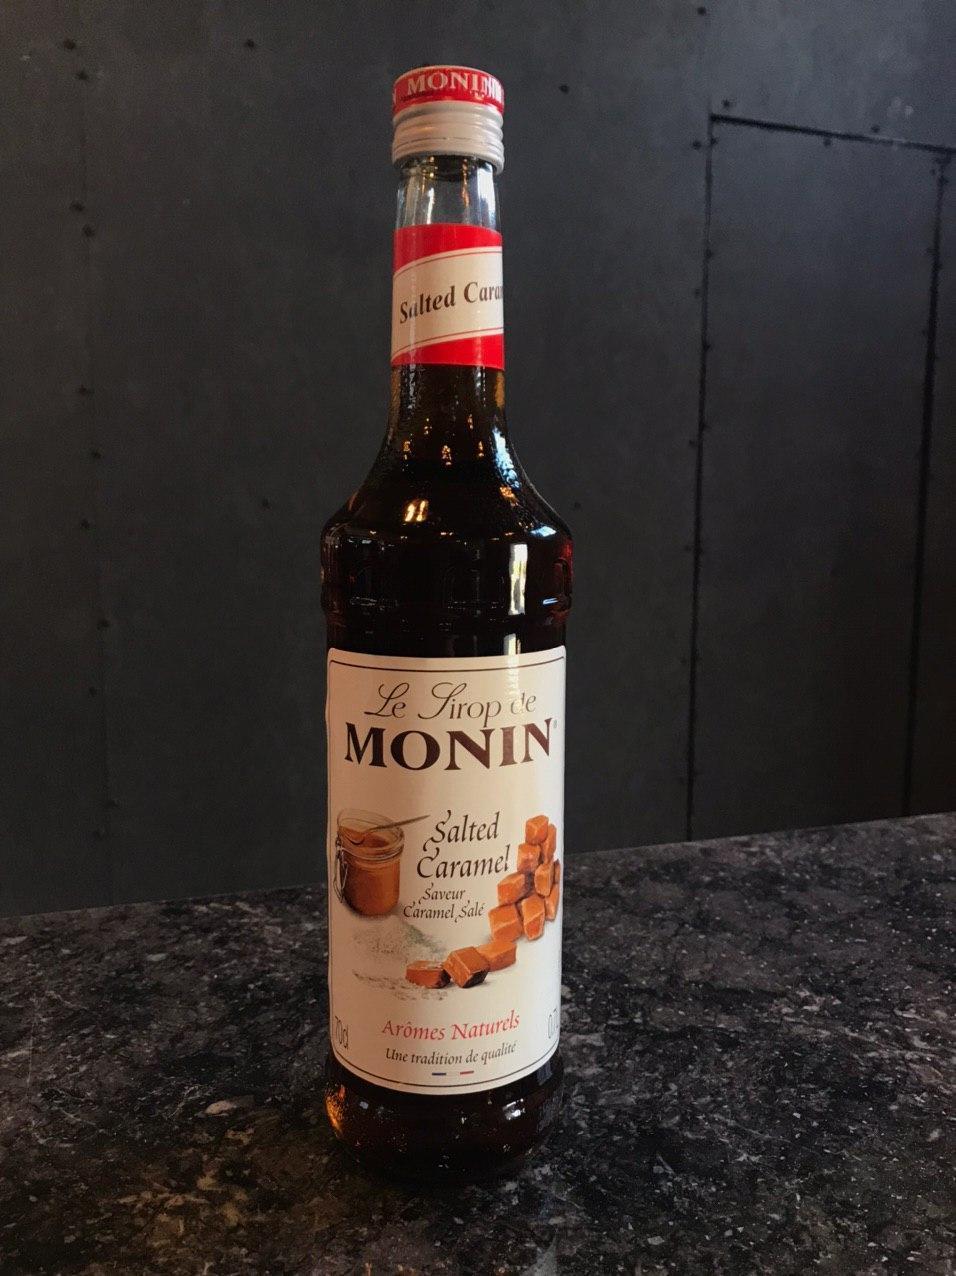 """Сиропы ТМ """"MONIN"""" """"Соленая карамель"""" 700мл Сироп для кофе и коктейлей Розница ОПТ"""